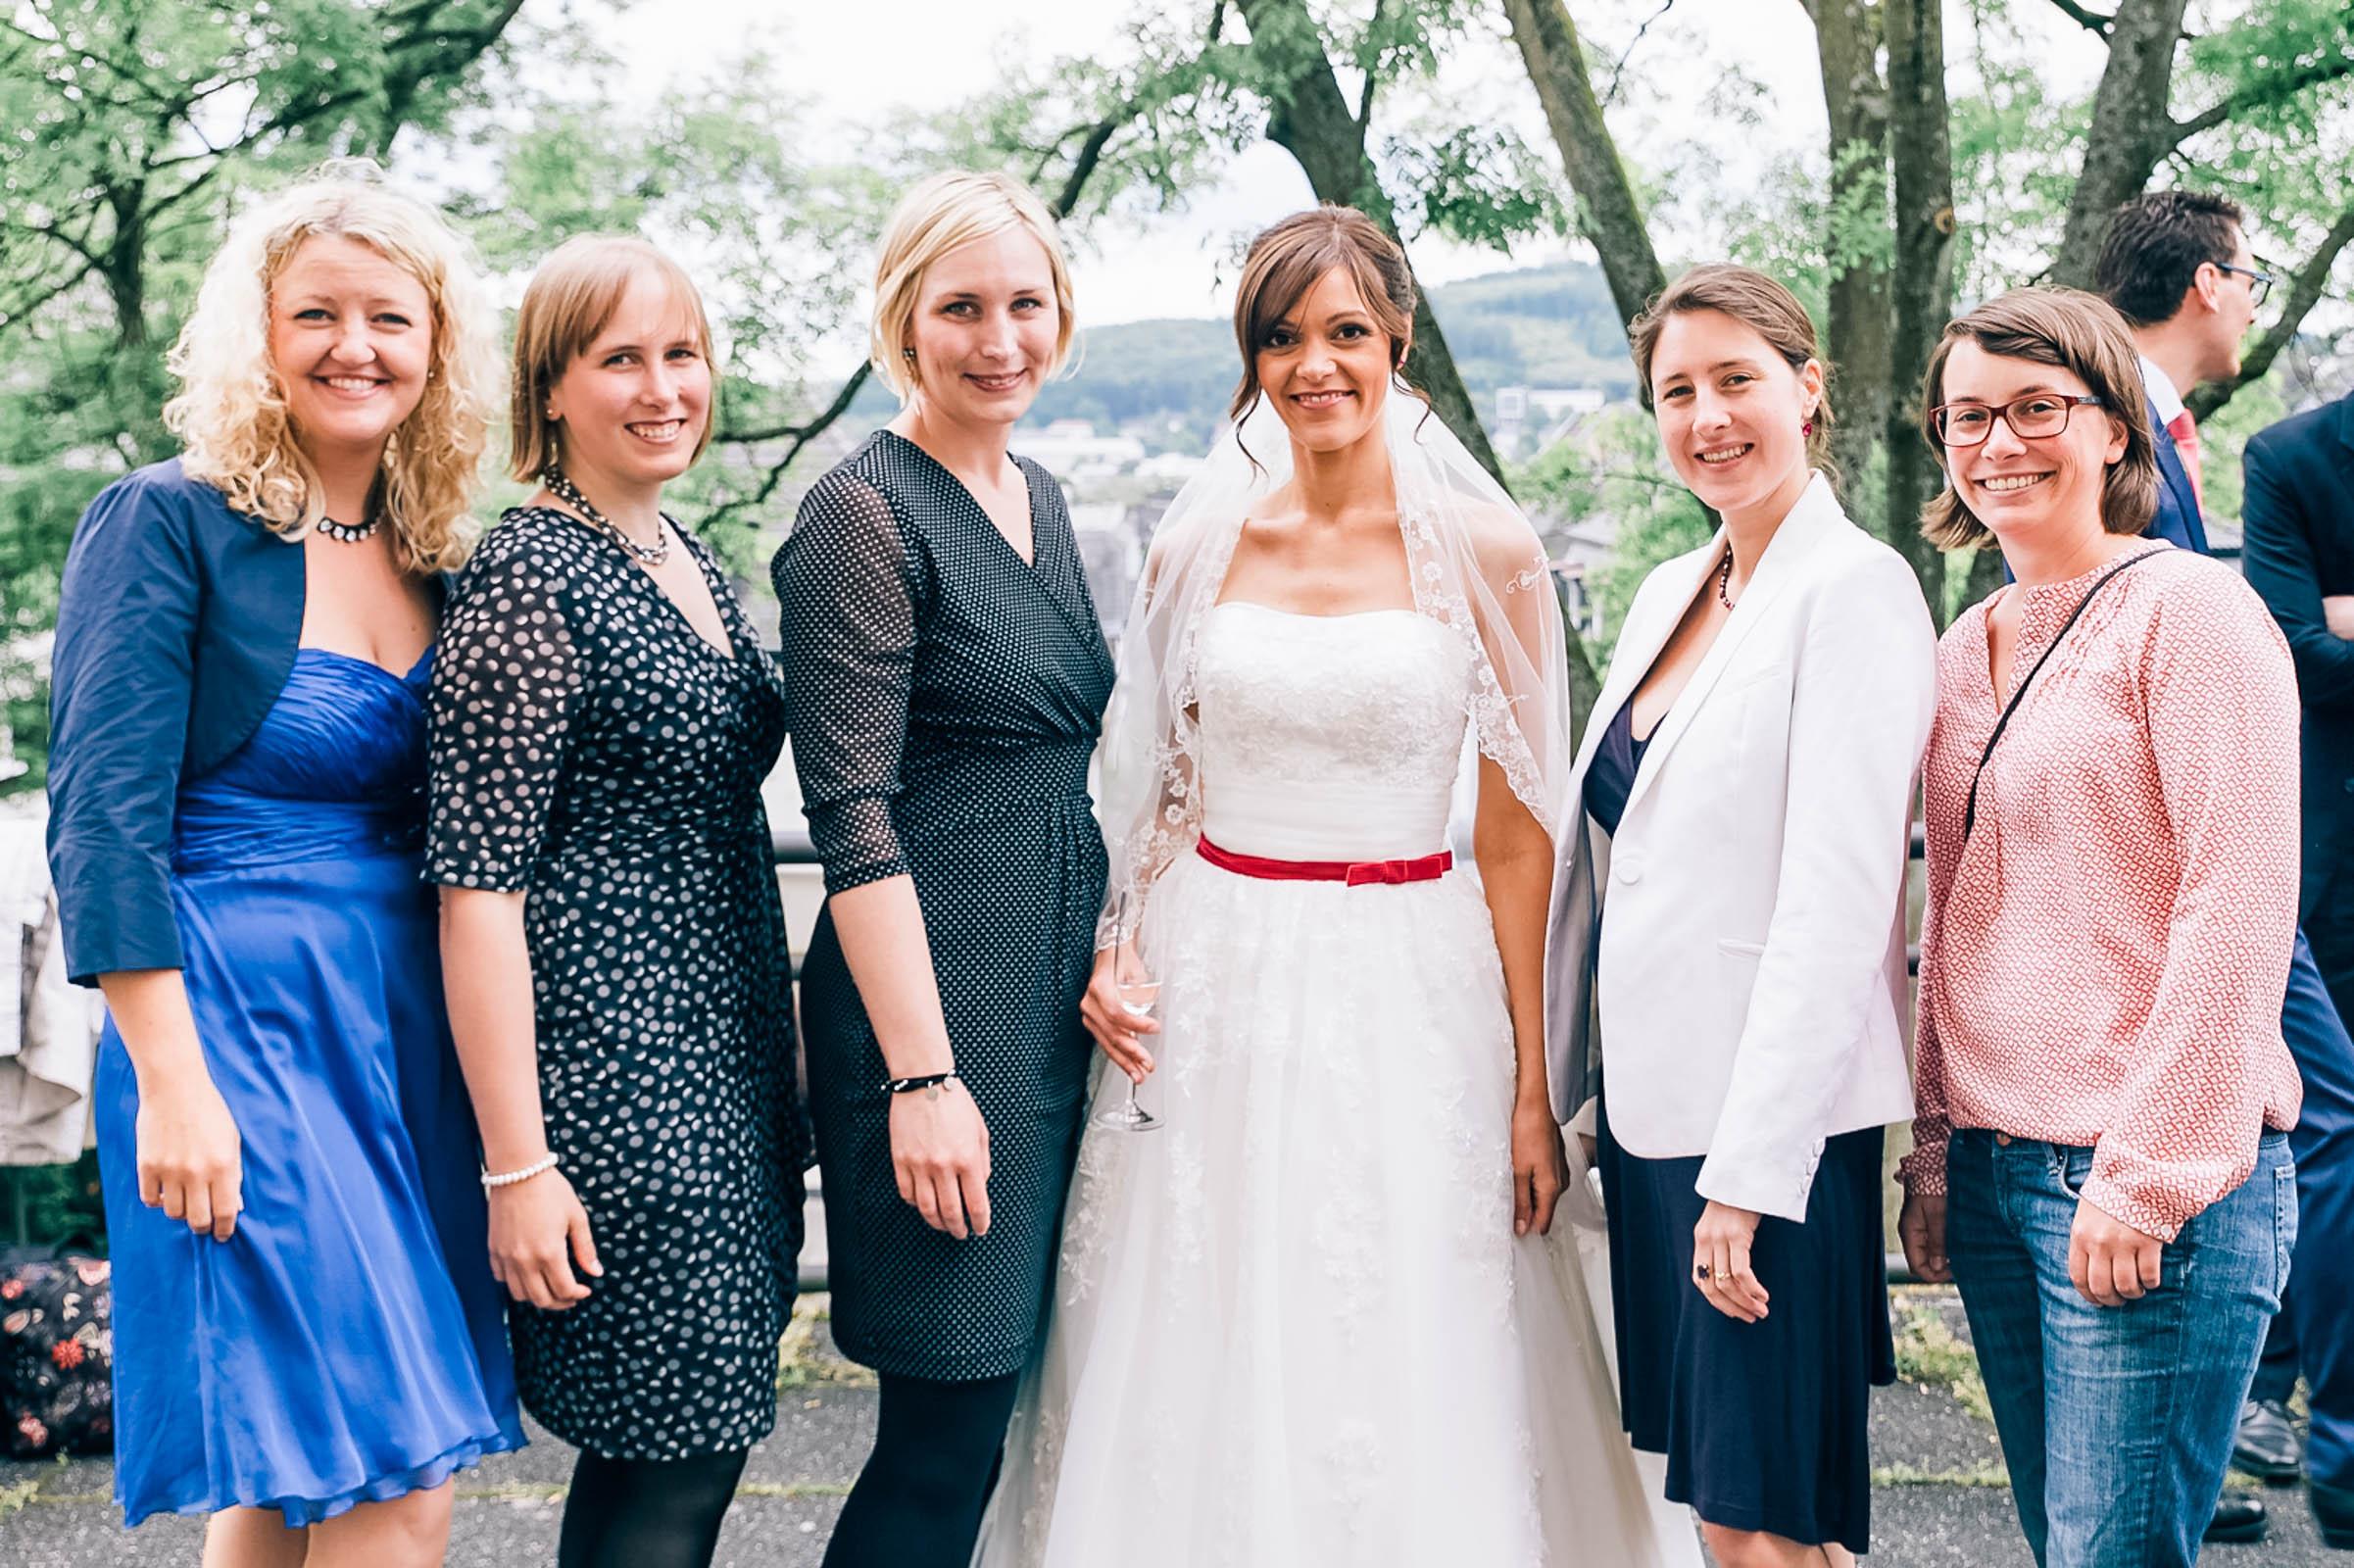 Monstergraphie_Hochzeitsreportage_Siegen-42.jpg?fit=2402%2C1600